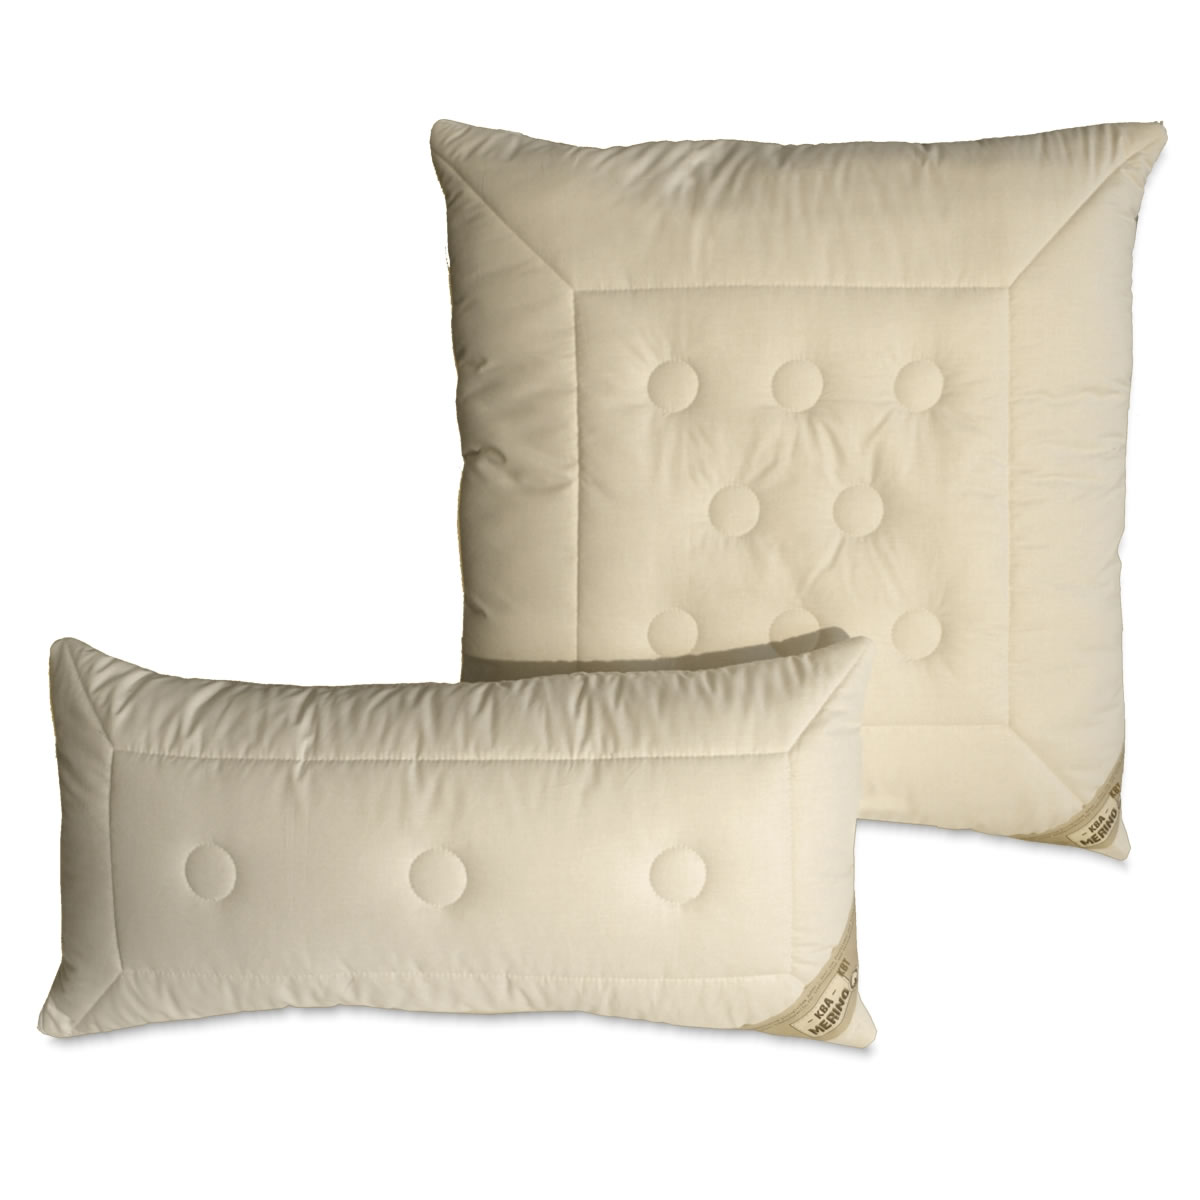 merino schurwolle duo leicht decke aus kbt bezug kba baumwolle ganzjahresdecke ebay. Black Bedroom Furniture Sets. Home Design Ideas